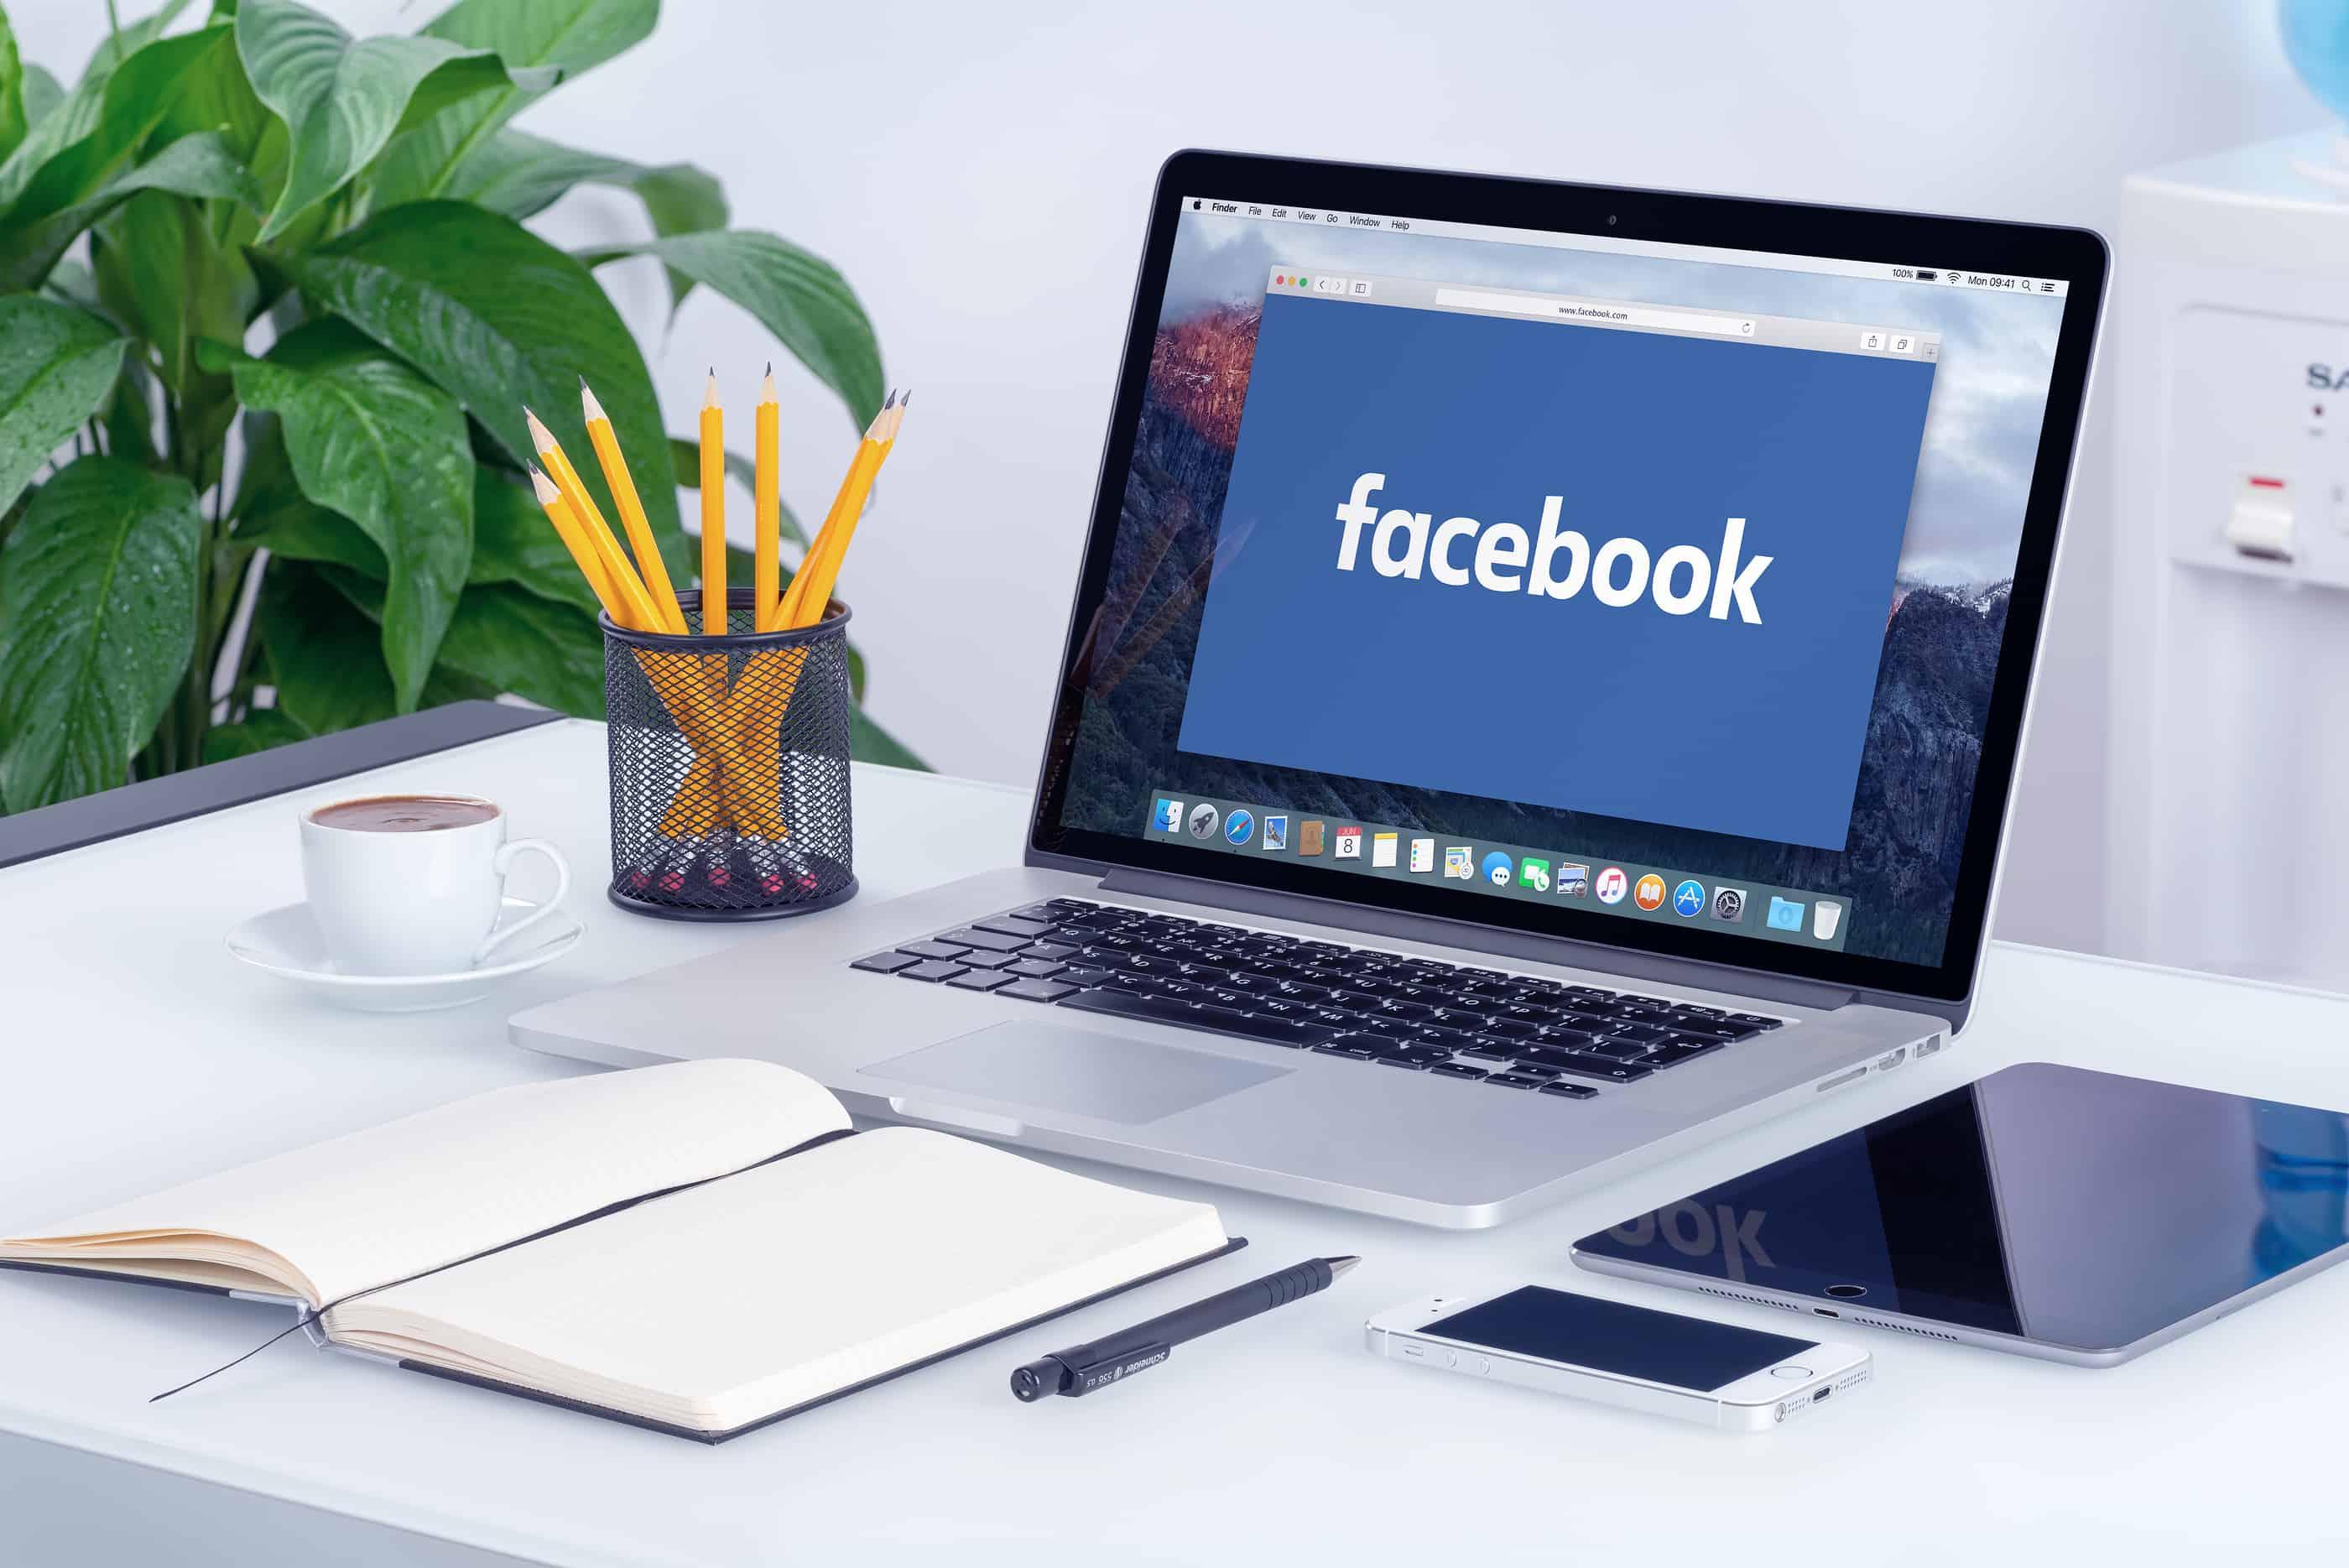 bemanning information och marknadsforing